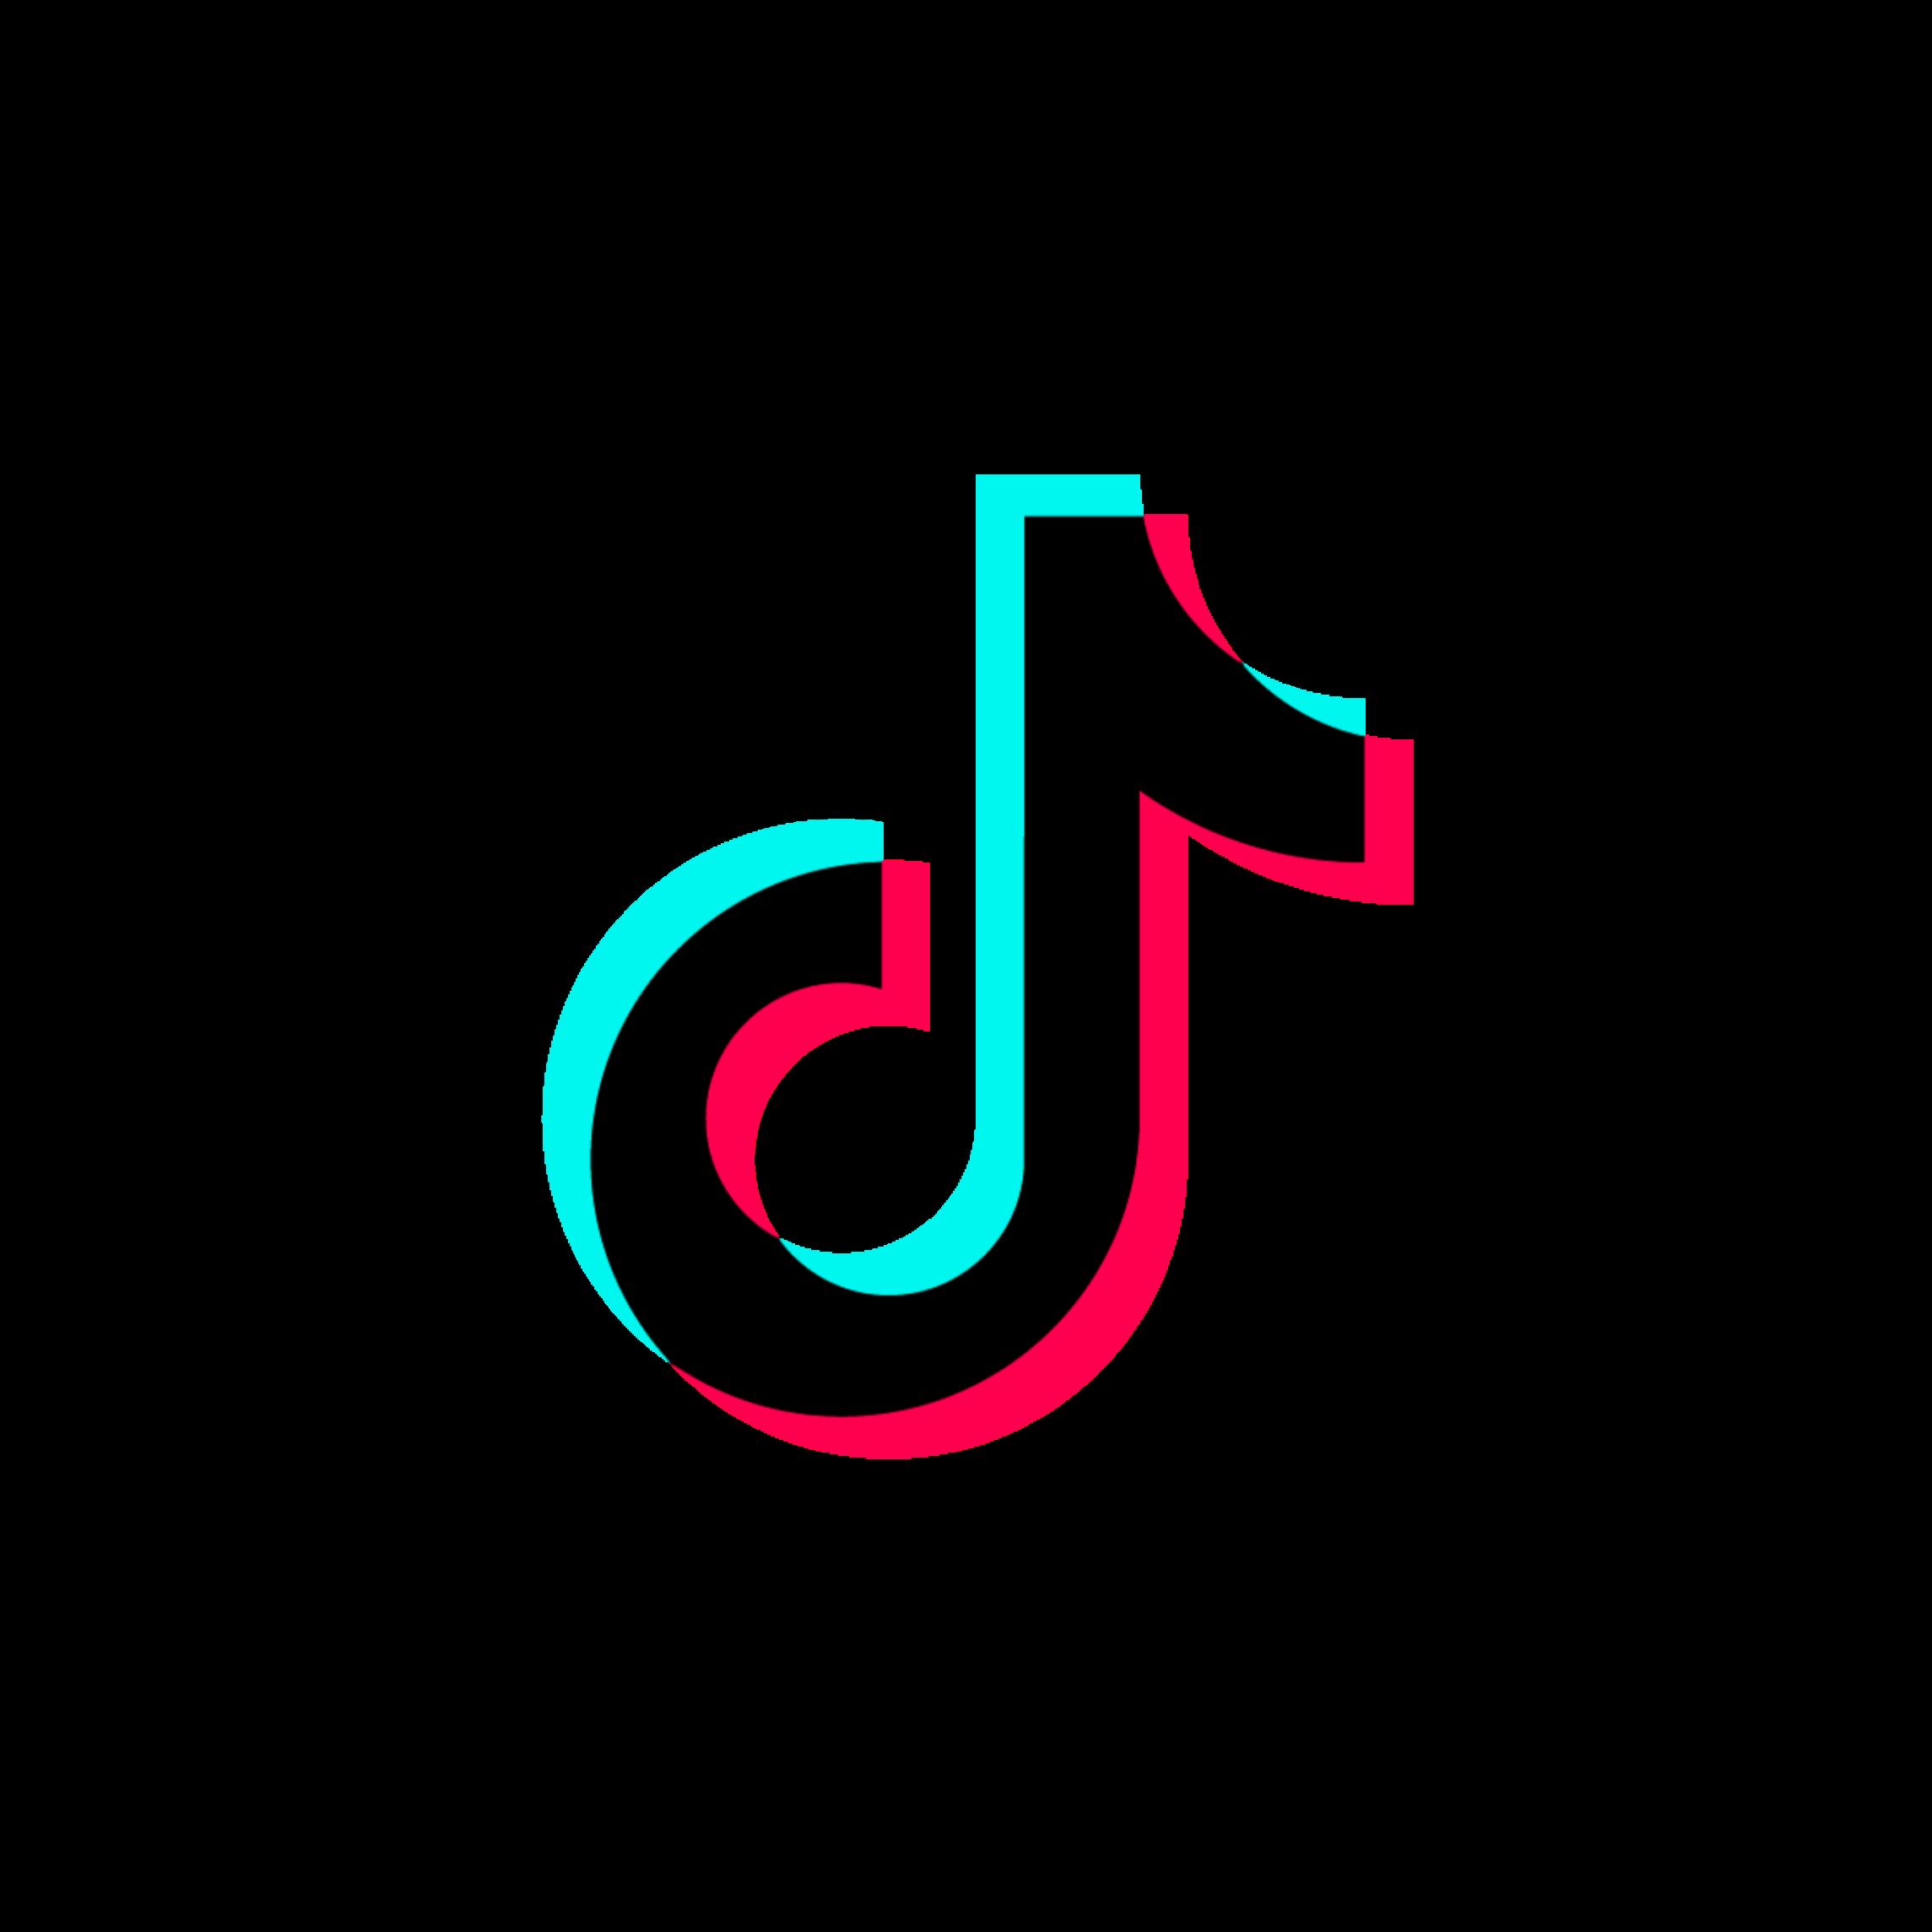 tik_tok tiktok musicly note tumbrl wallpaper background... - Tik Tok Logo Background